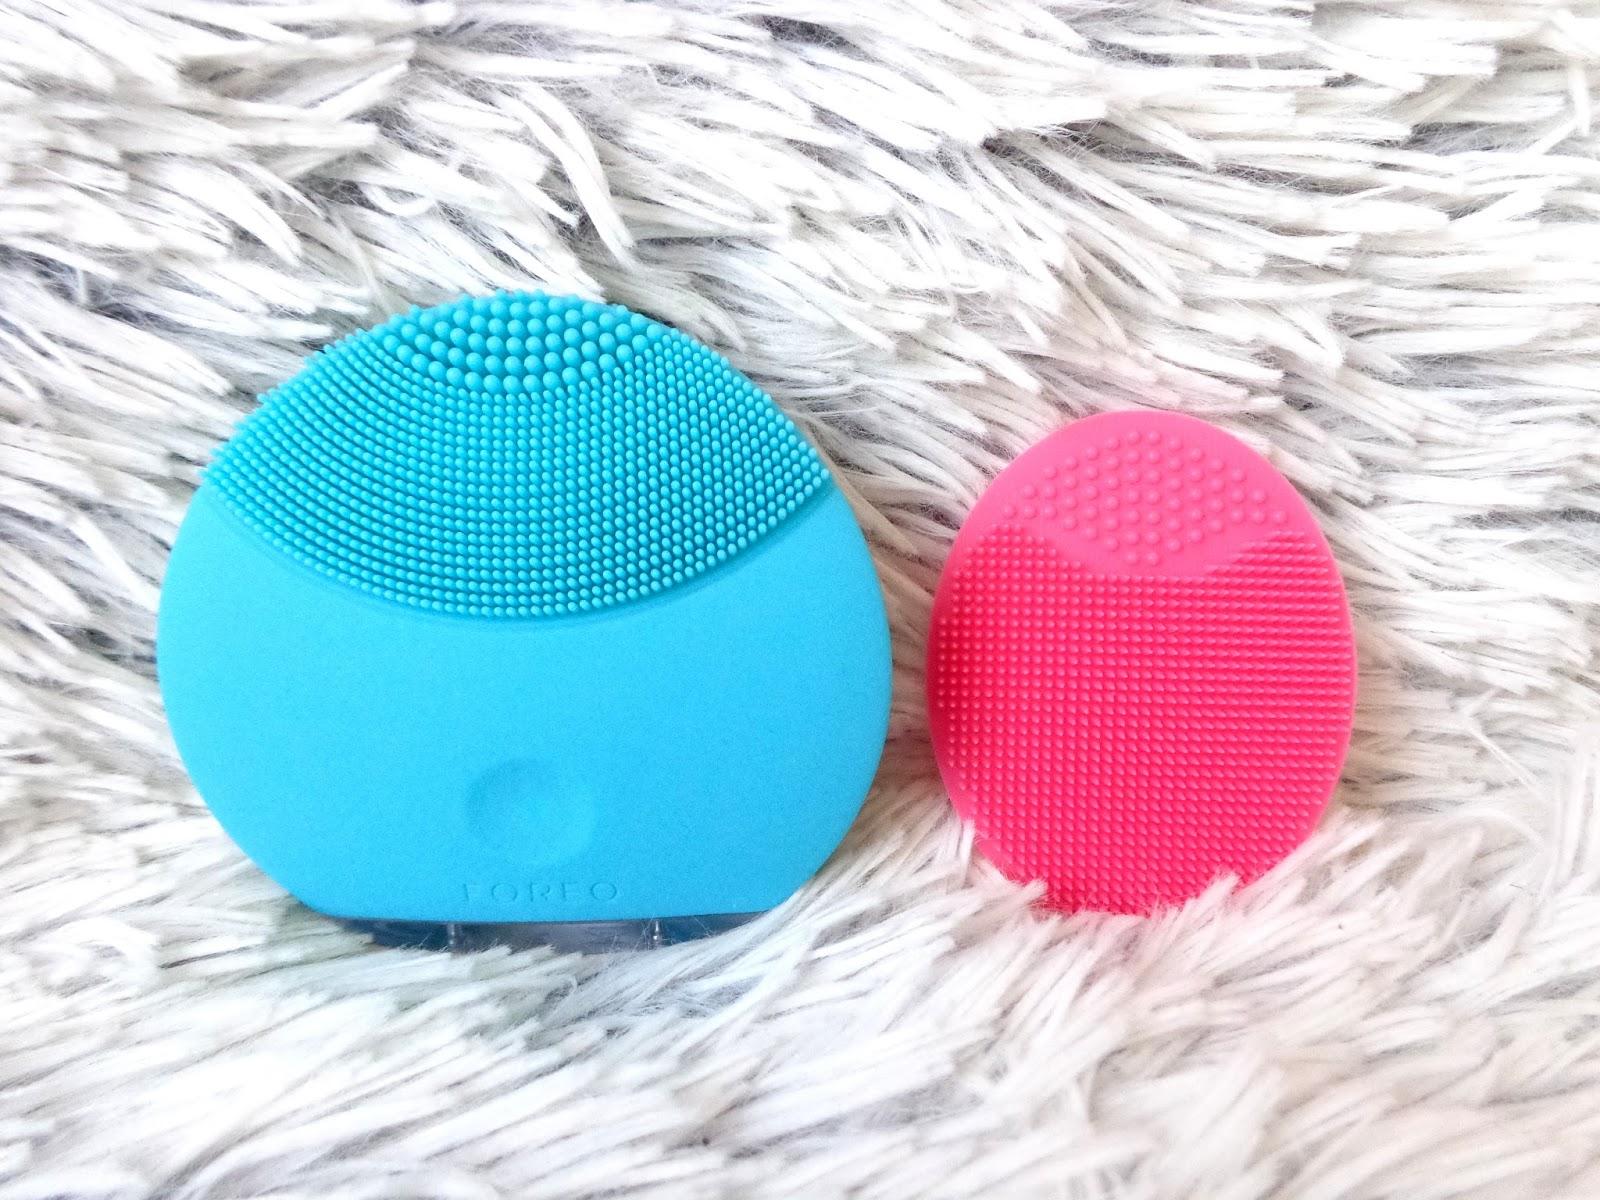 85080121a1d2fc Silikonowa myjka do mycia twarzy For Your Beauty vs. Foreo Luna Mini ...